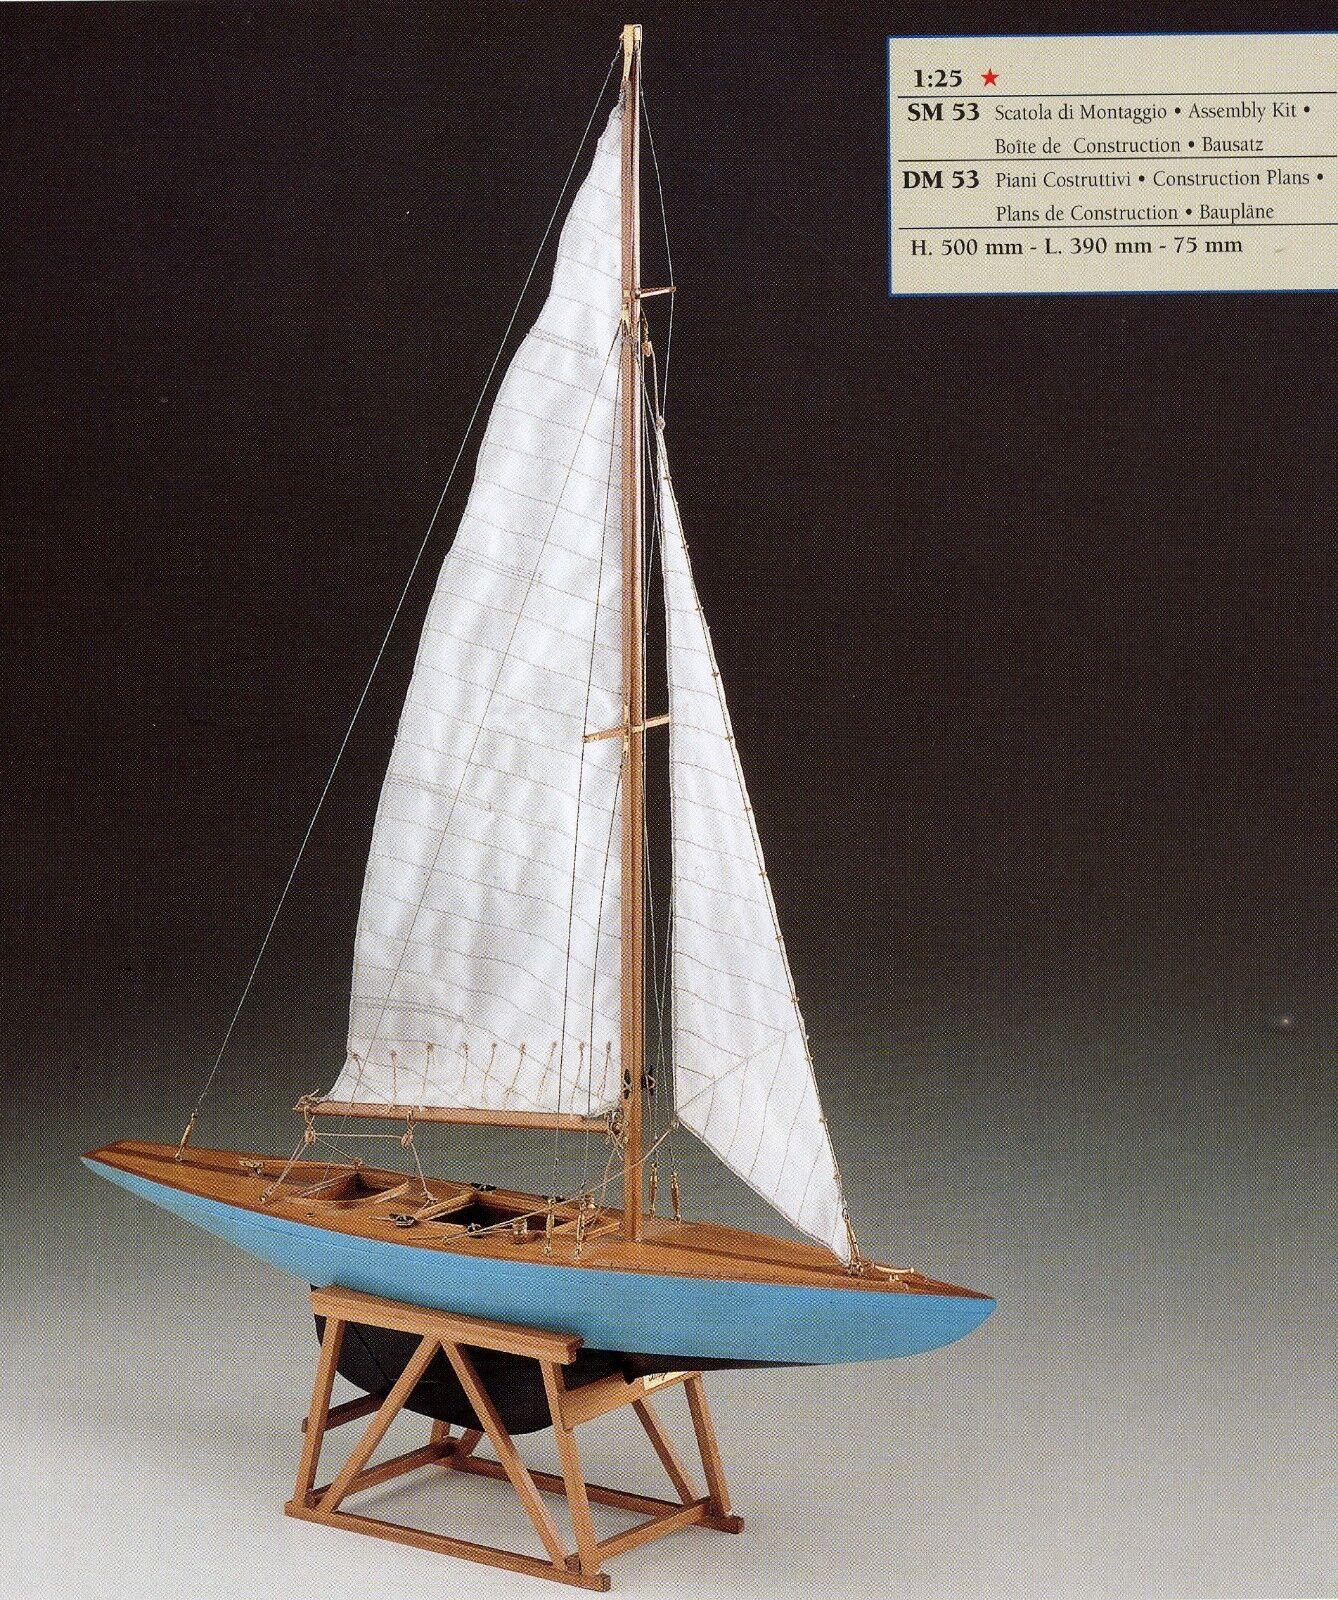 COREL SM53 BARCA Modello KIT Imbarcazione Yacht Monotipo NAVE 5,5 scala 1 25